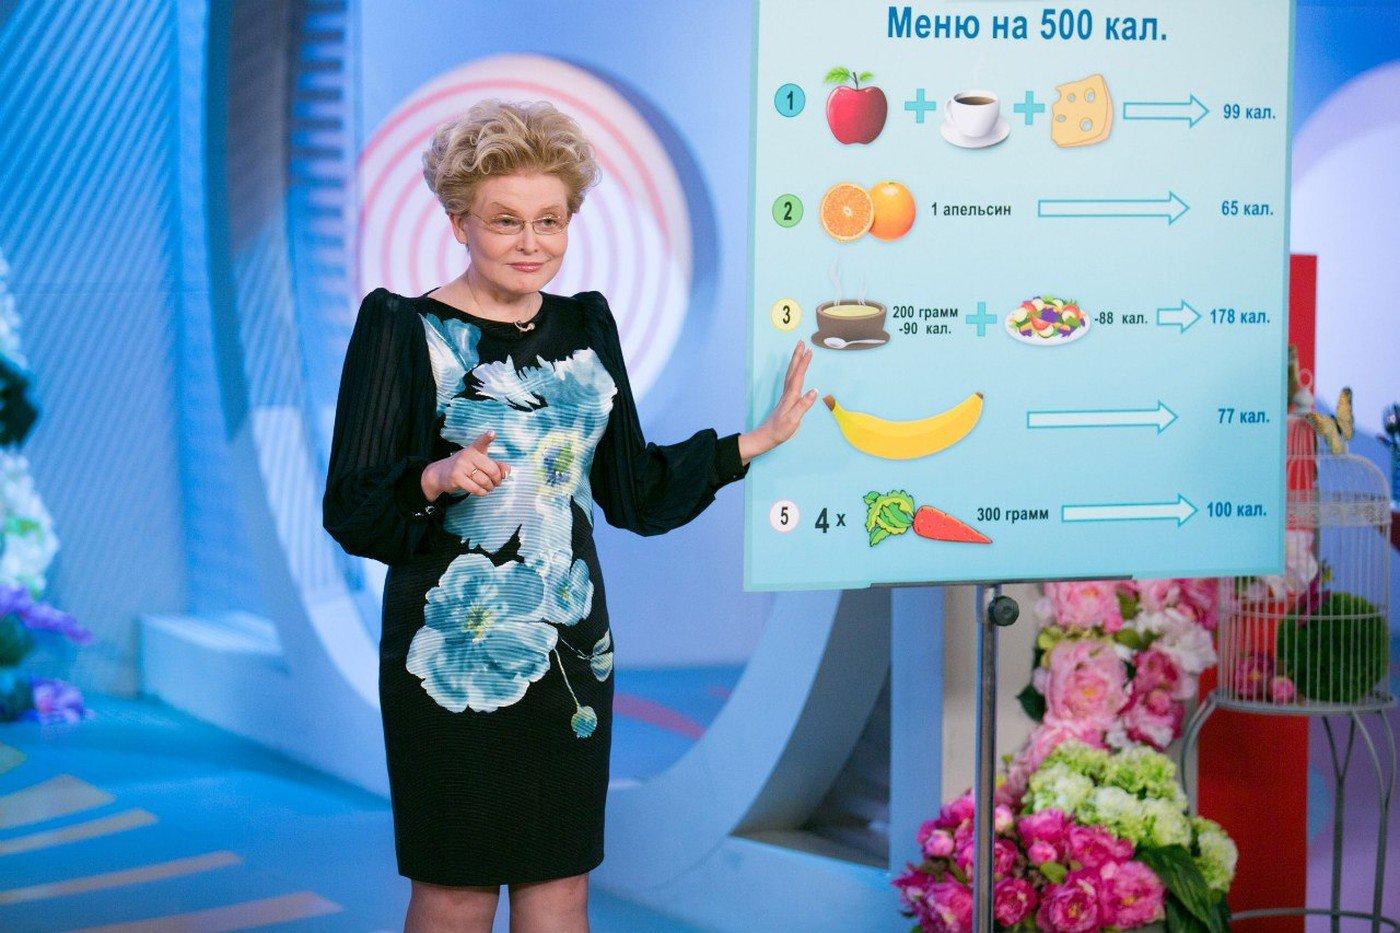 Программа Здоровье Сбросить Вес. Диета Елены Малышевой